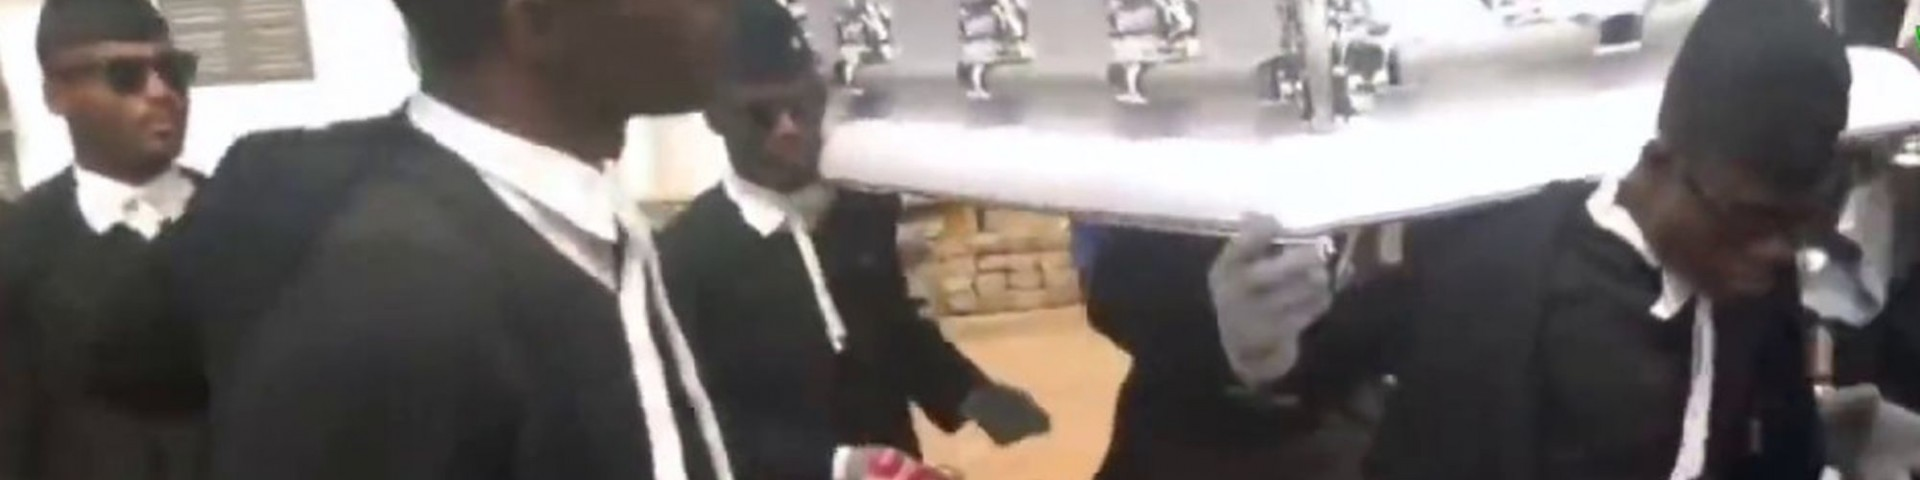 Il meme dei becchini africani che ballano con la bara: di chi è la canzone? (Video)